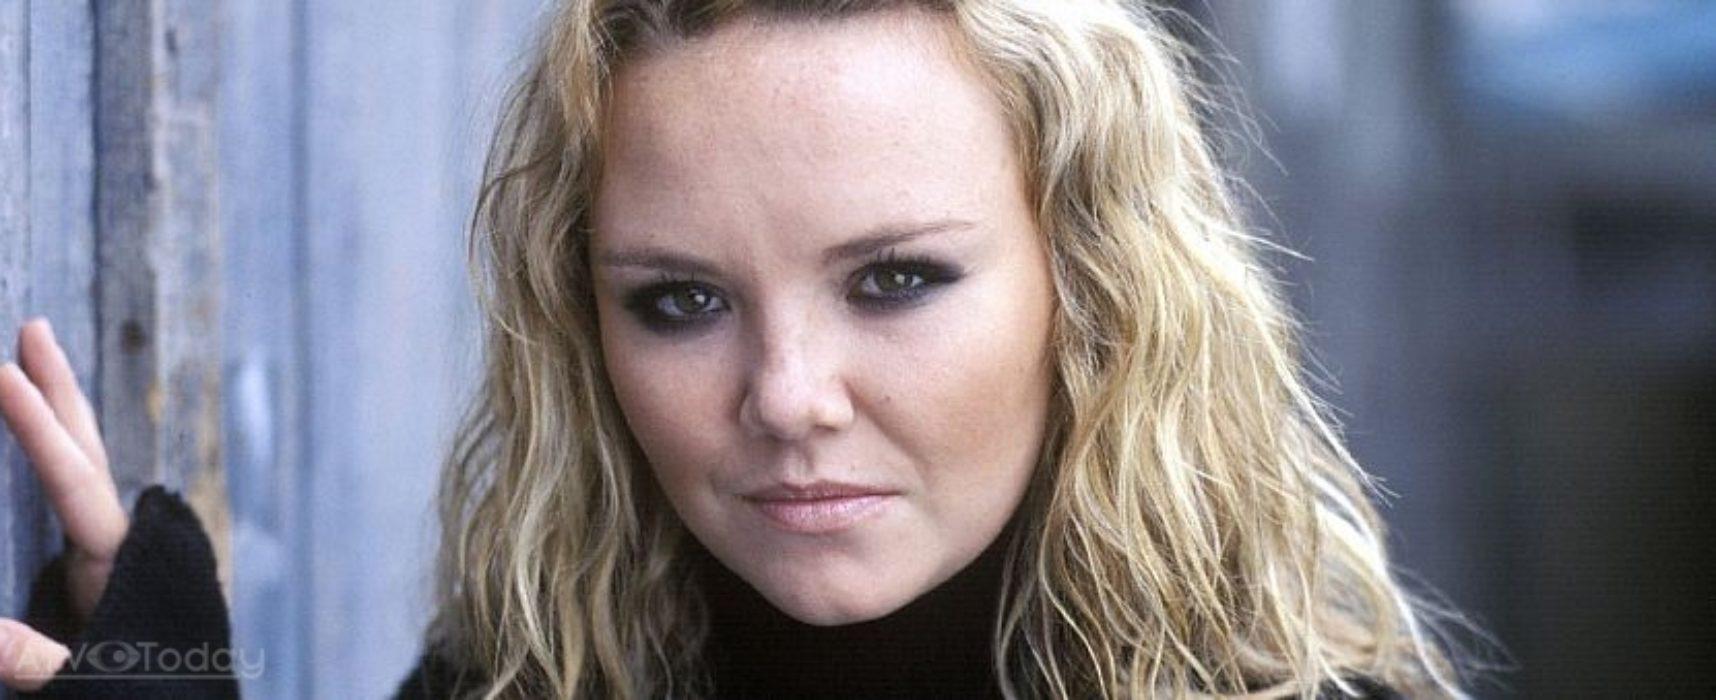 Bad girl Janine to return to EastEnders